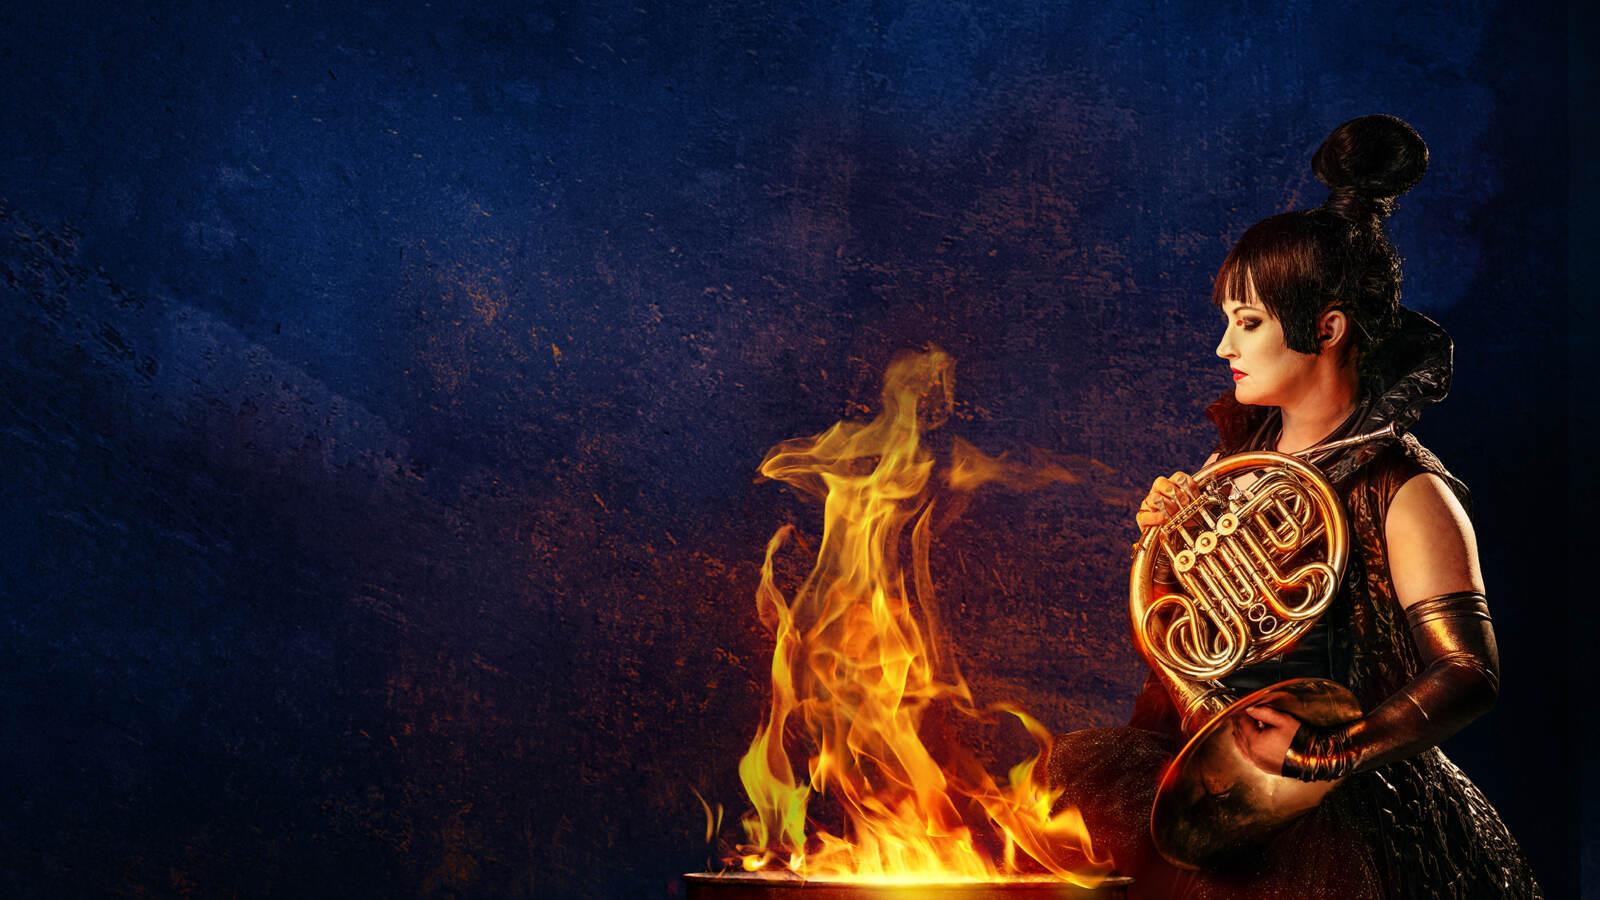 En hornspelare står och håller sin instrument framför en eld och tittar in i lågorna.